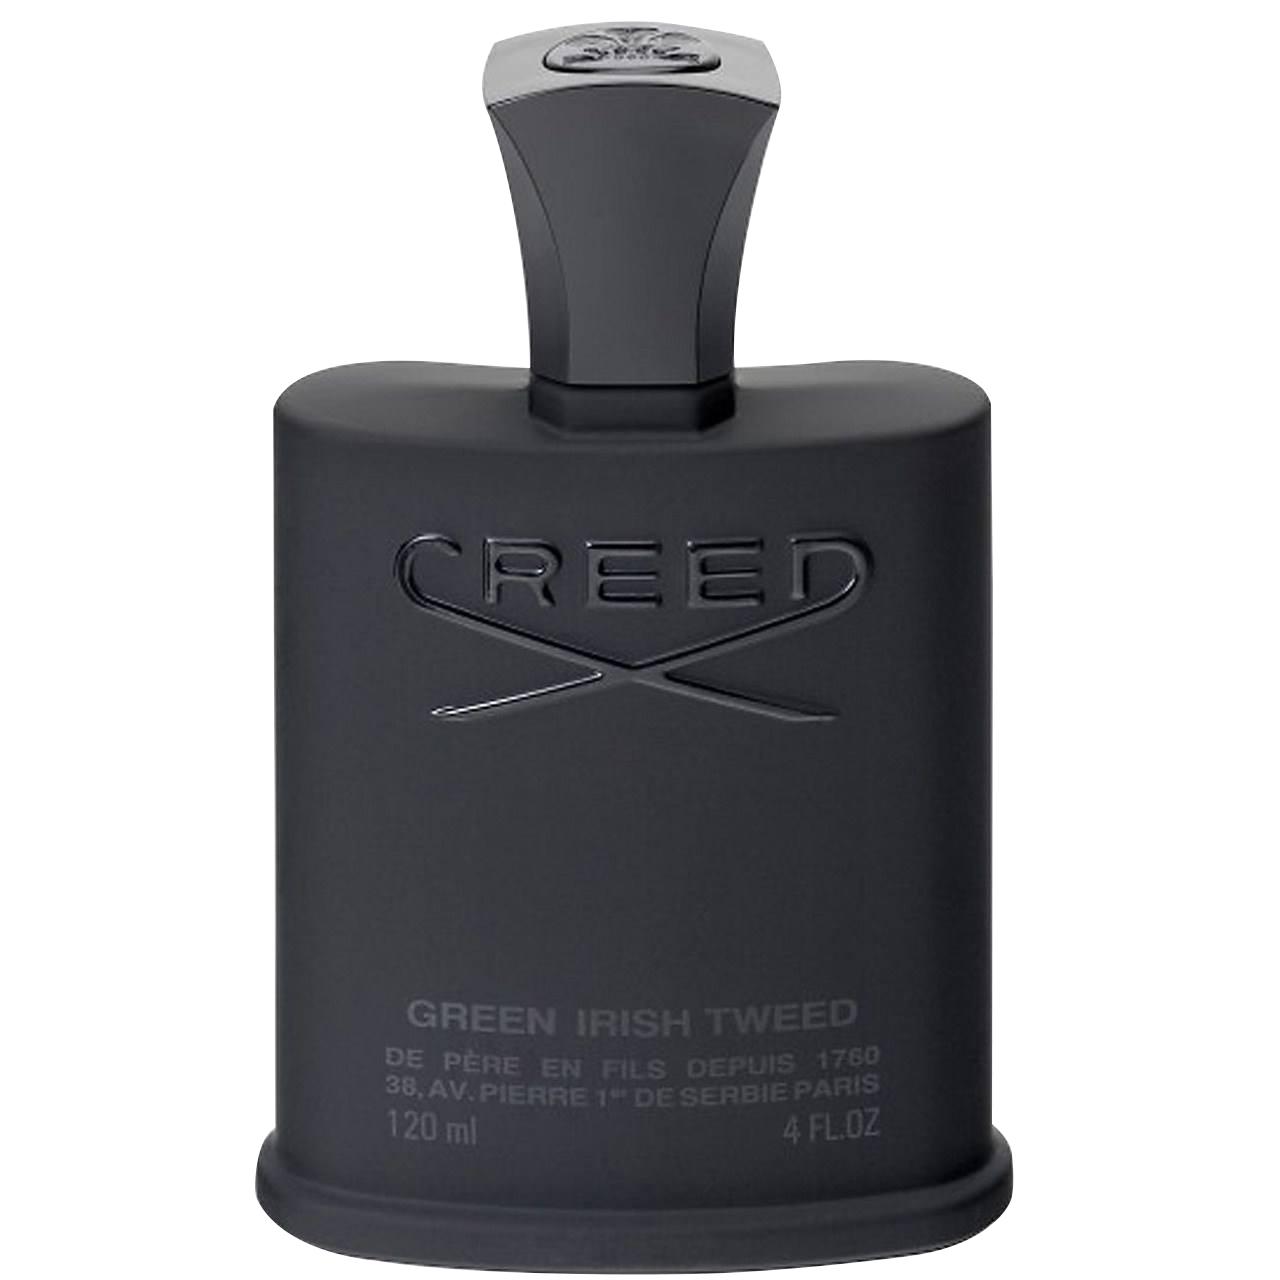 تستر ادو پرفیوم مردانه کرید مدل Green Irish Tweed حجم ۱۲۰ میلی لیتر